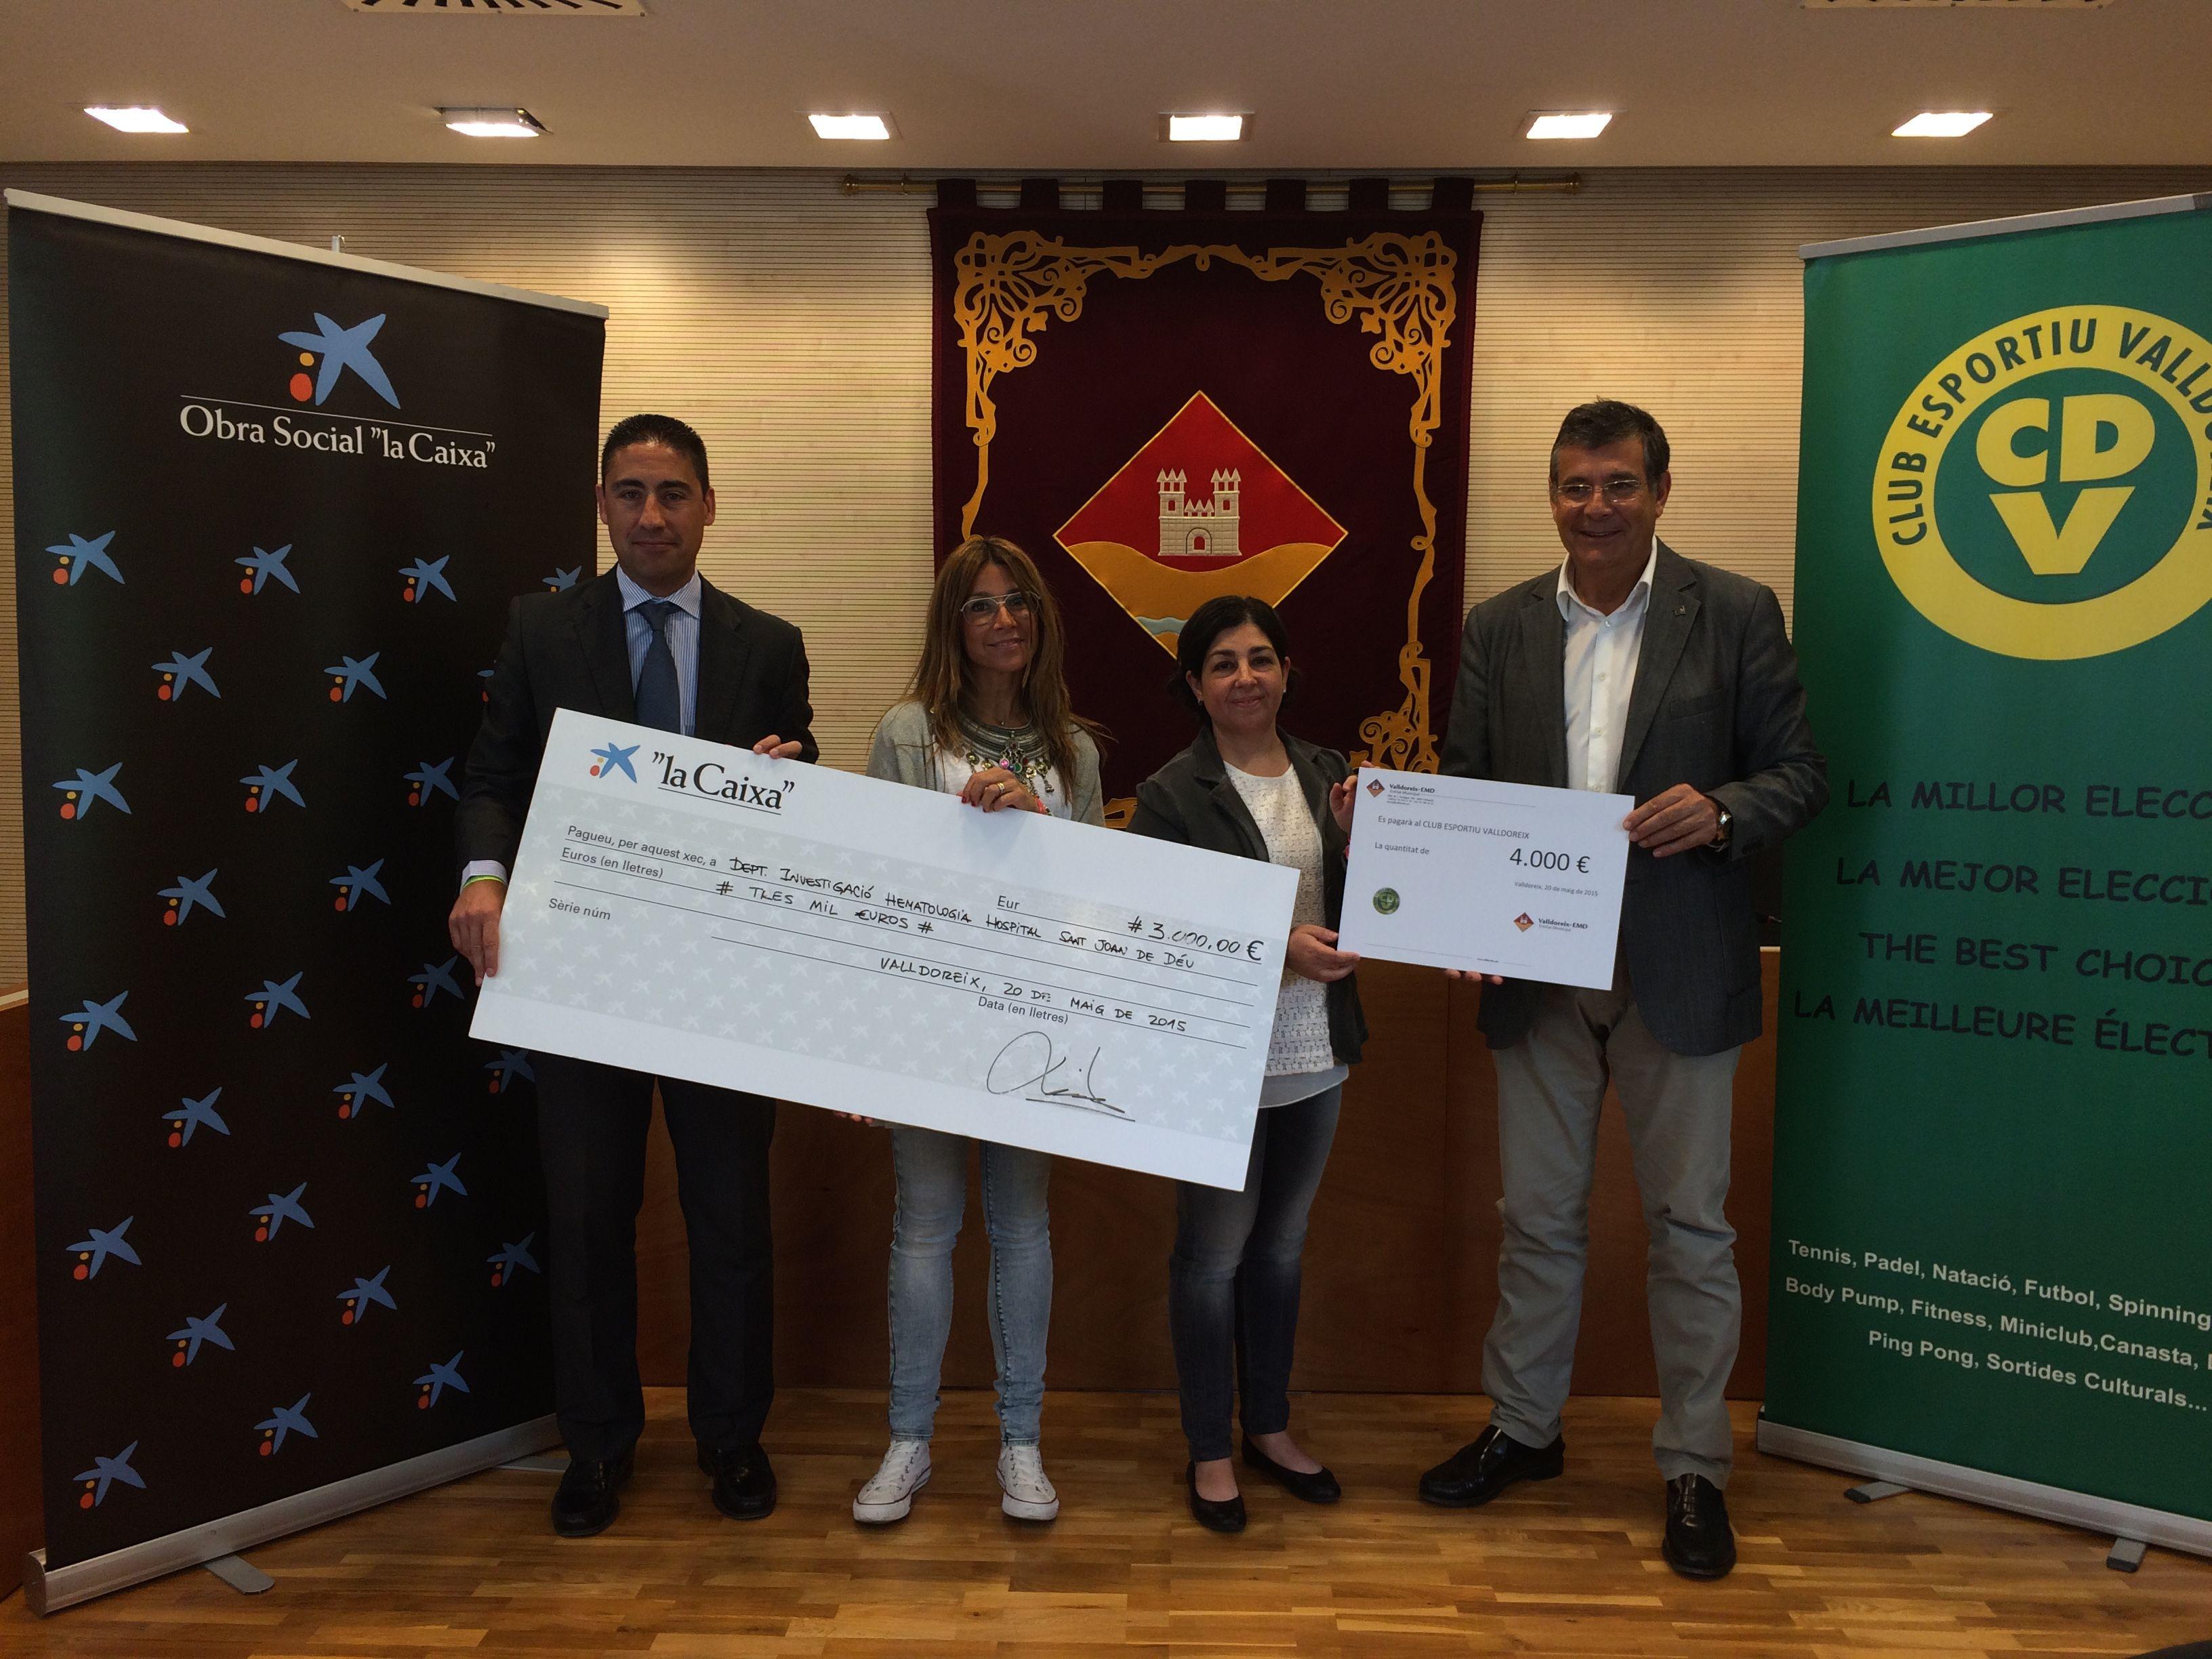 L'EMD i la Caixa han lliurat 4.000 i 3.000 euros respectivament. FOTO: À. L. P.